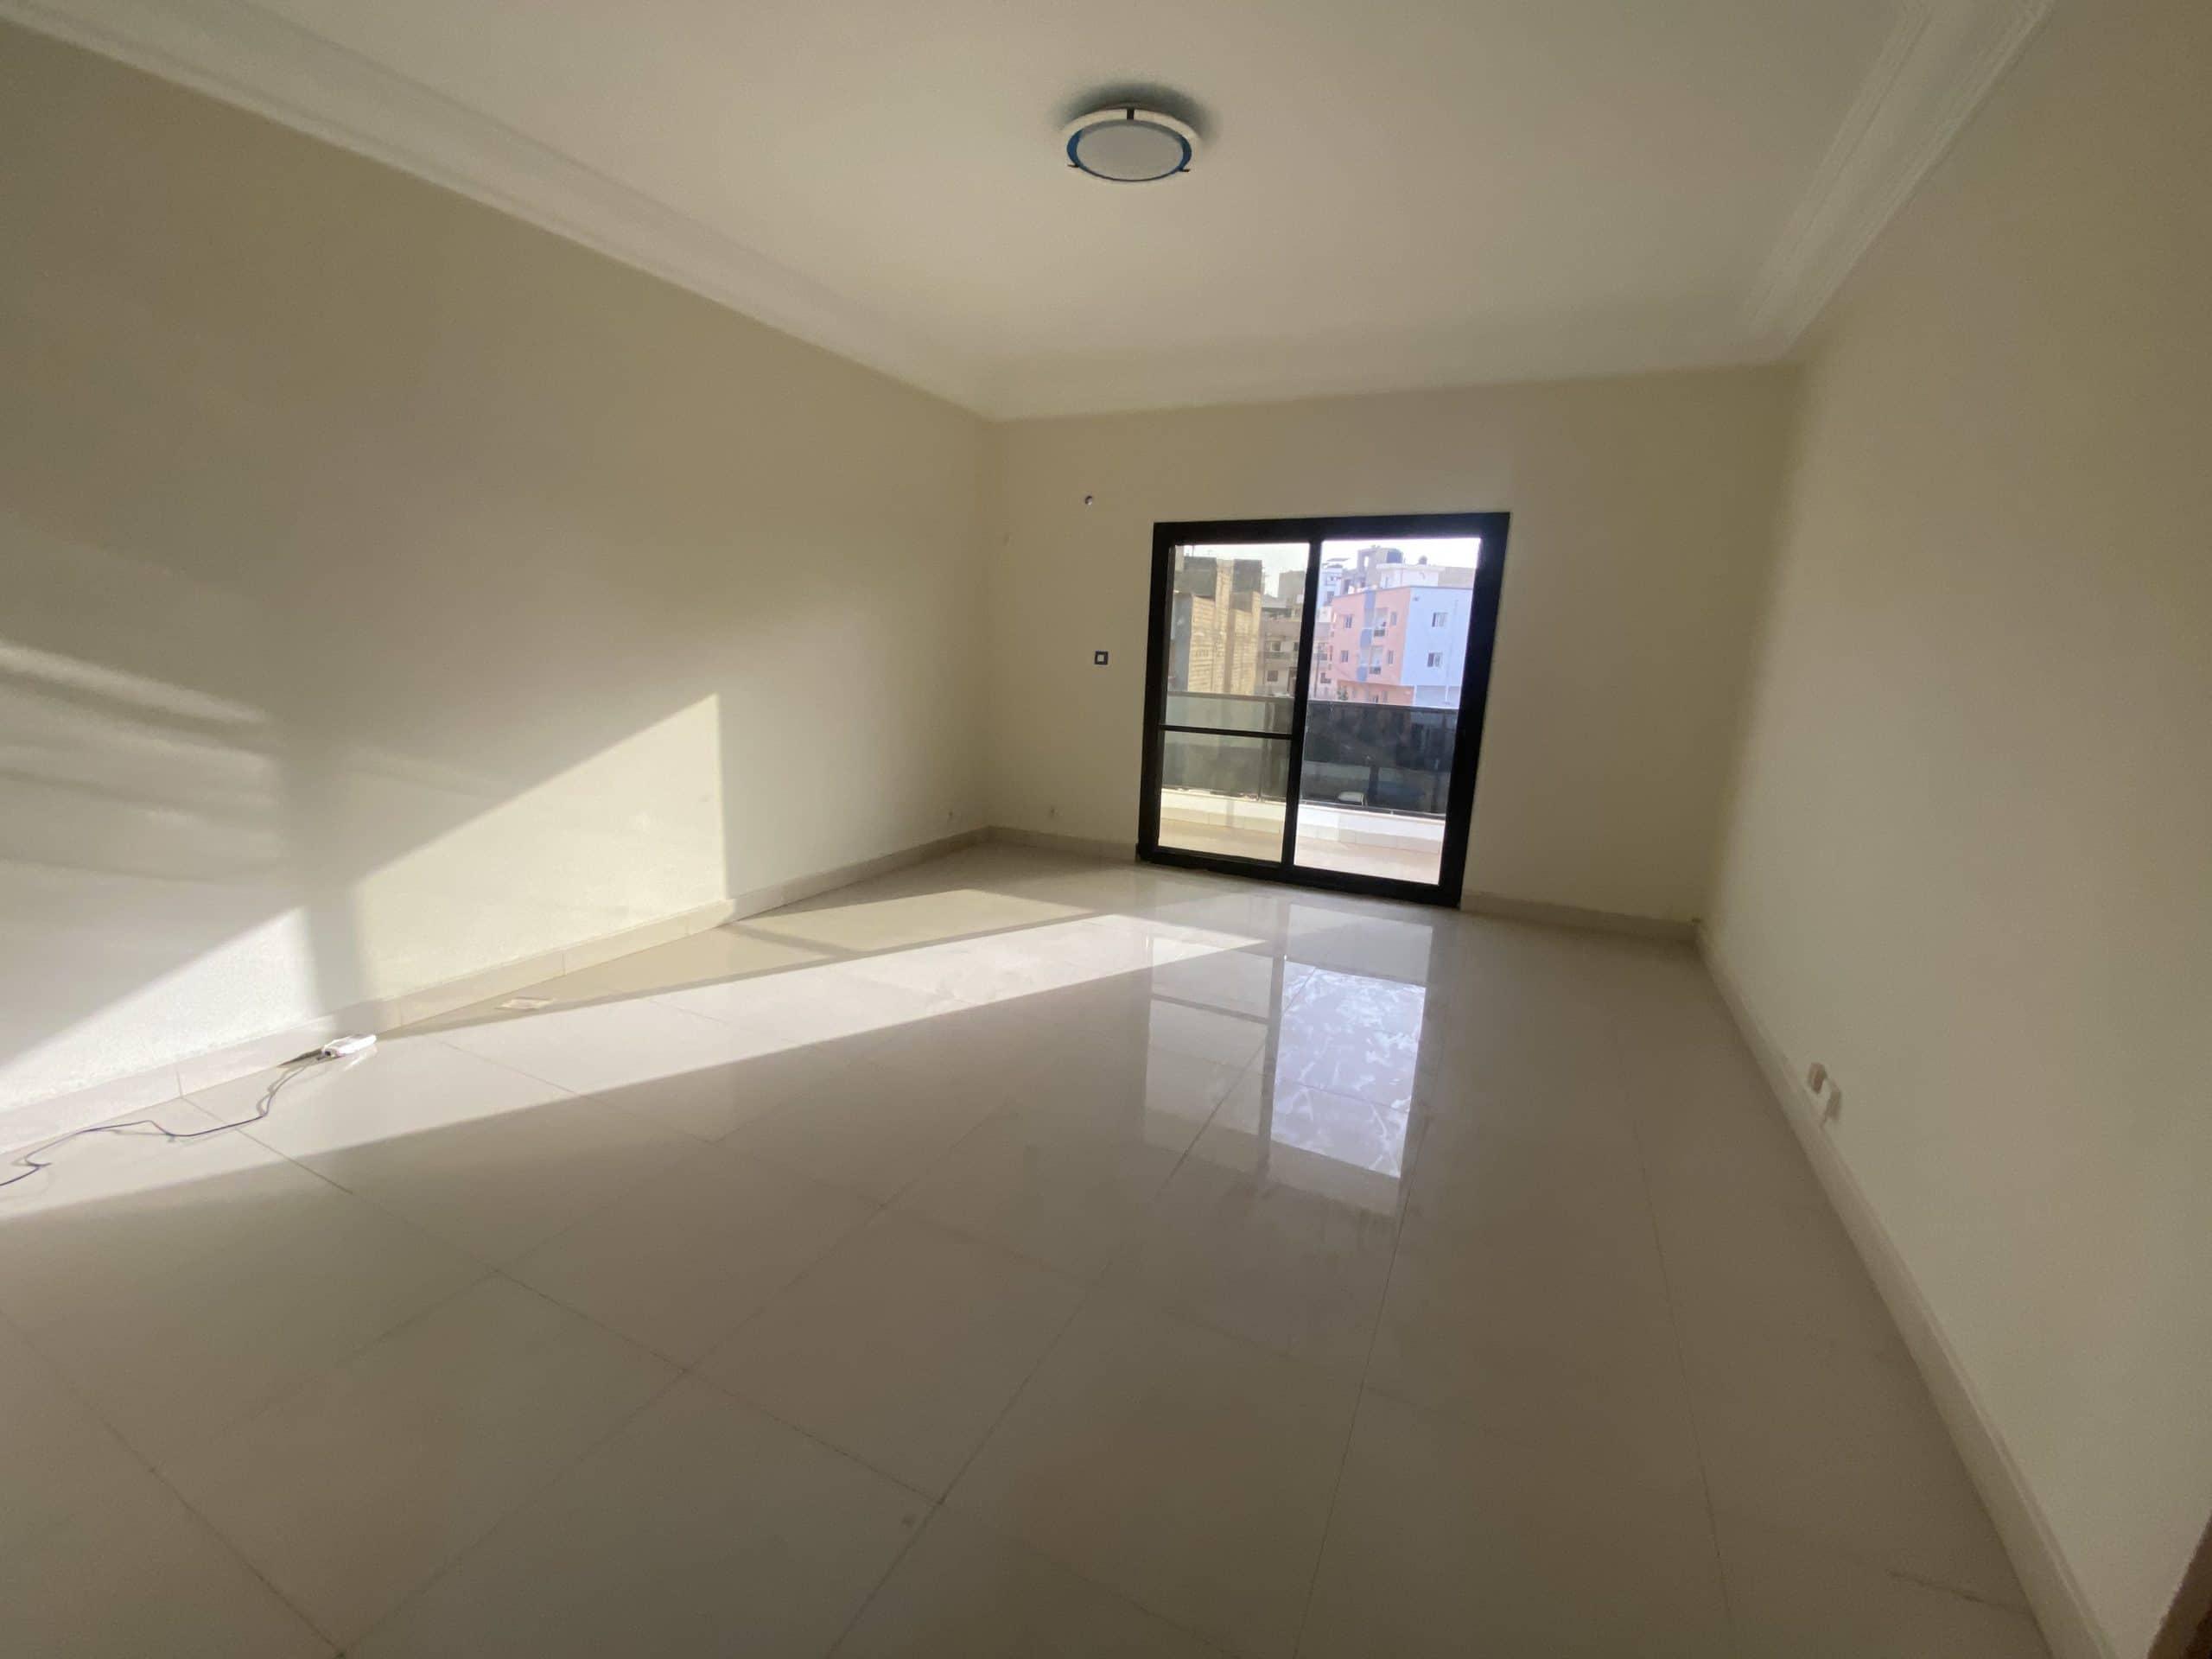 Appartement 3 chambres à louer Ouakam